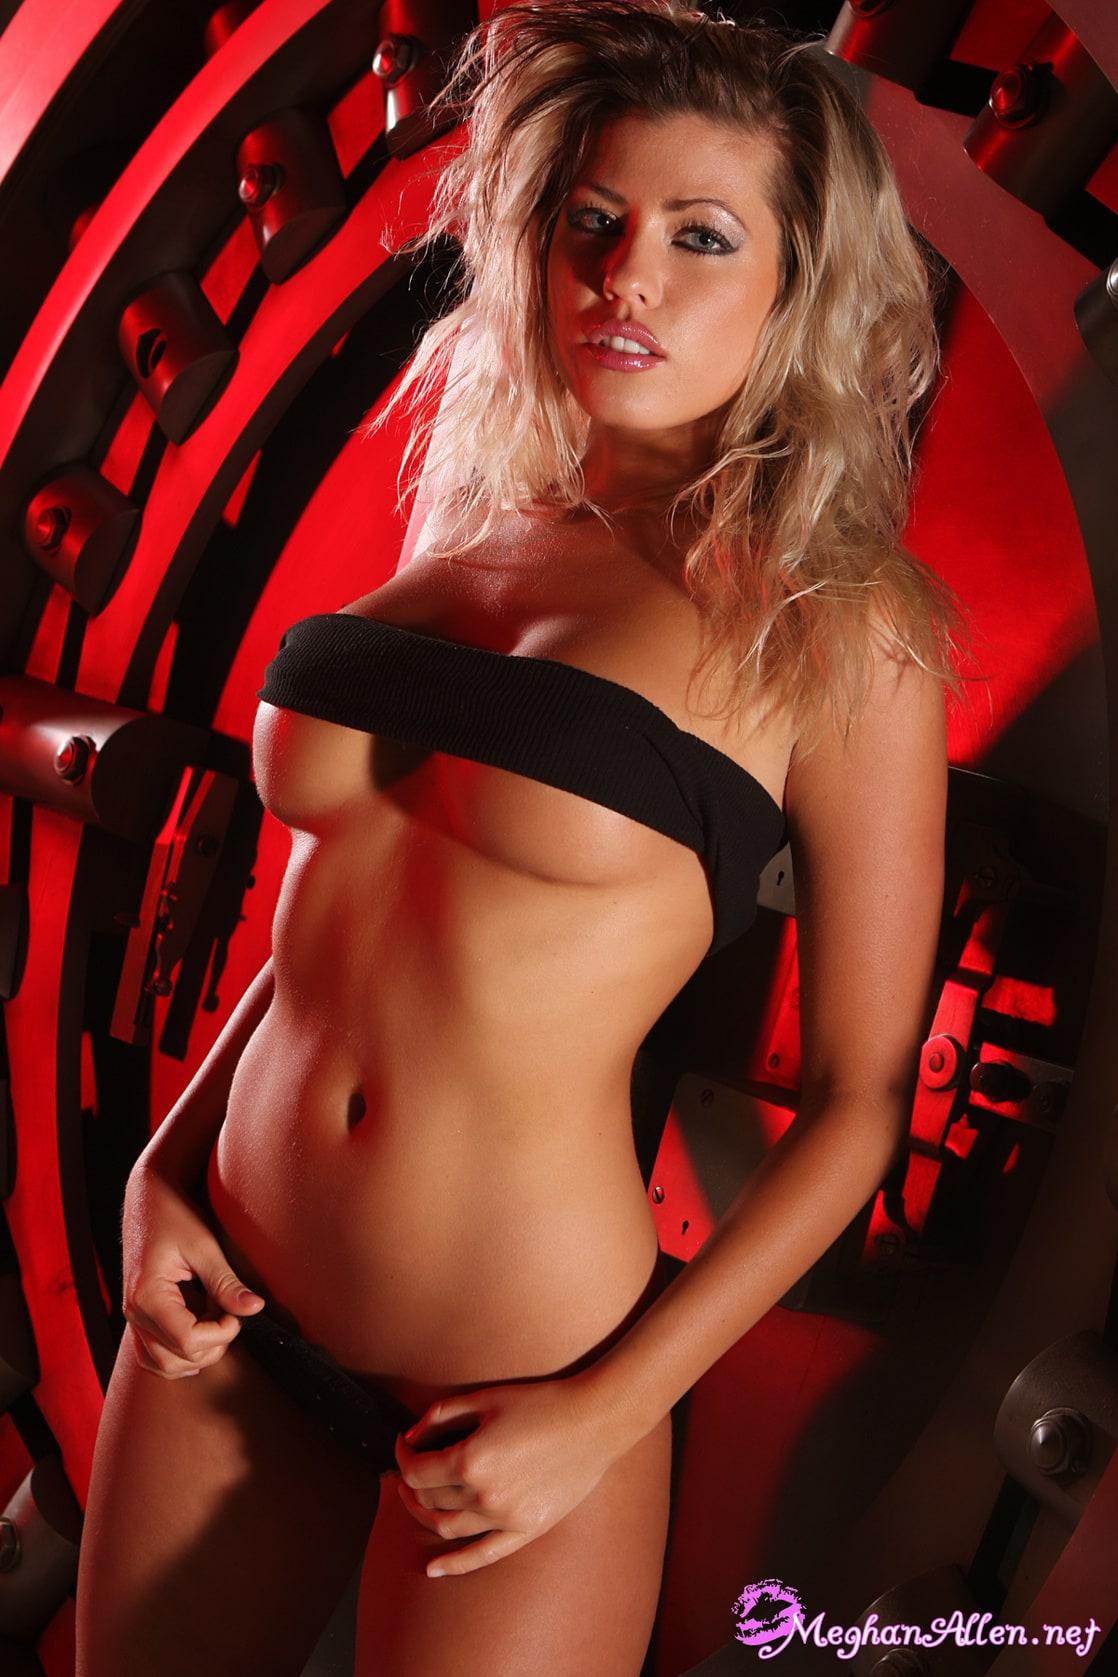 Meghan Allen Naked Pics 99